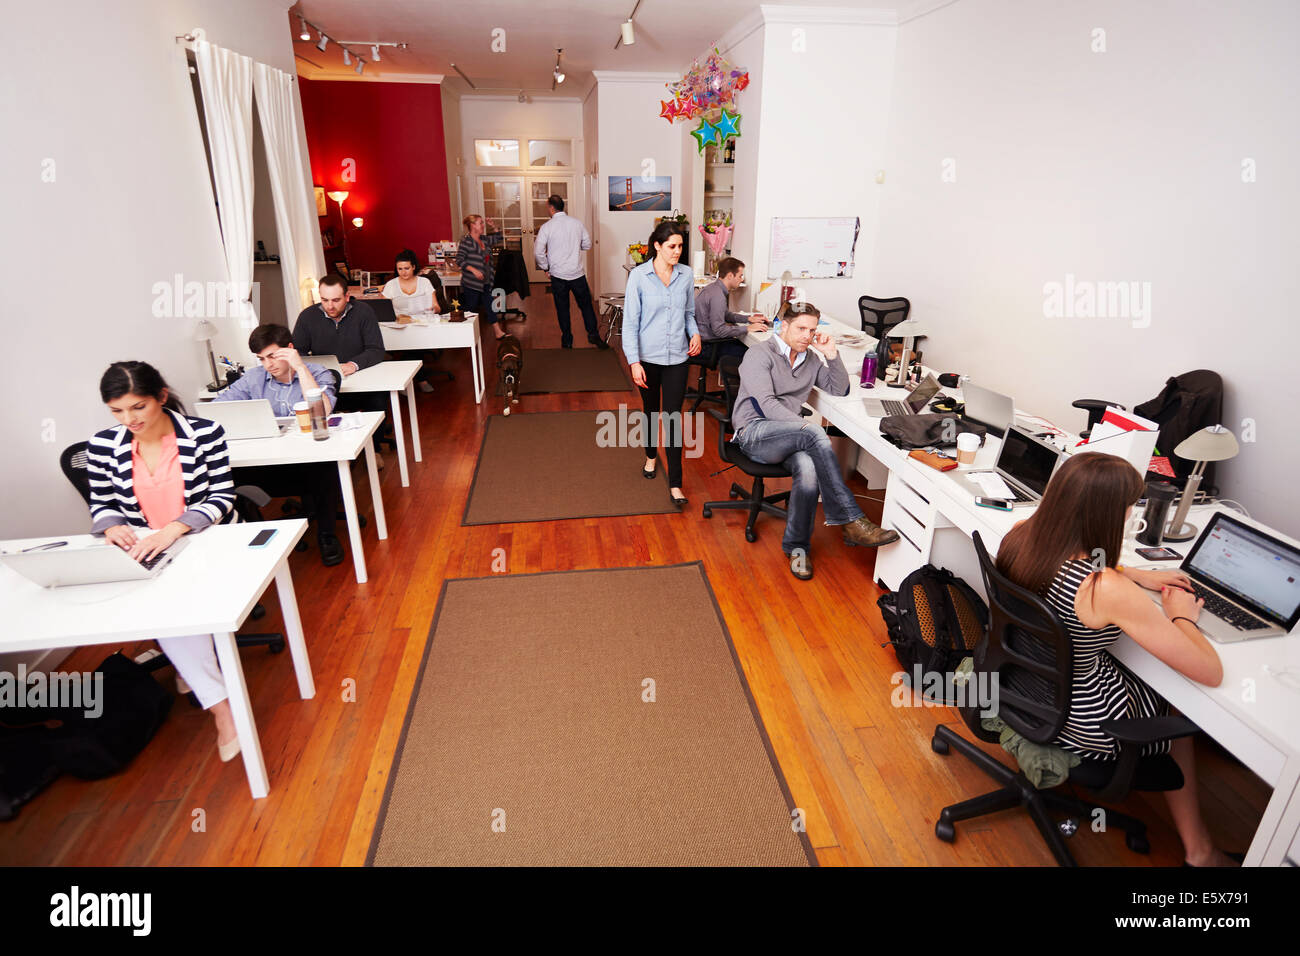 Nos gens au travail dans un bureau moderne Photo Stock